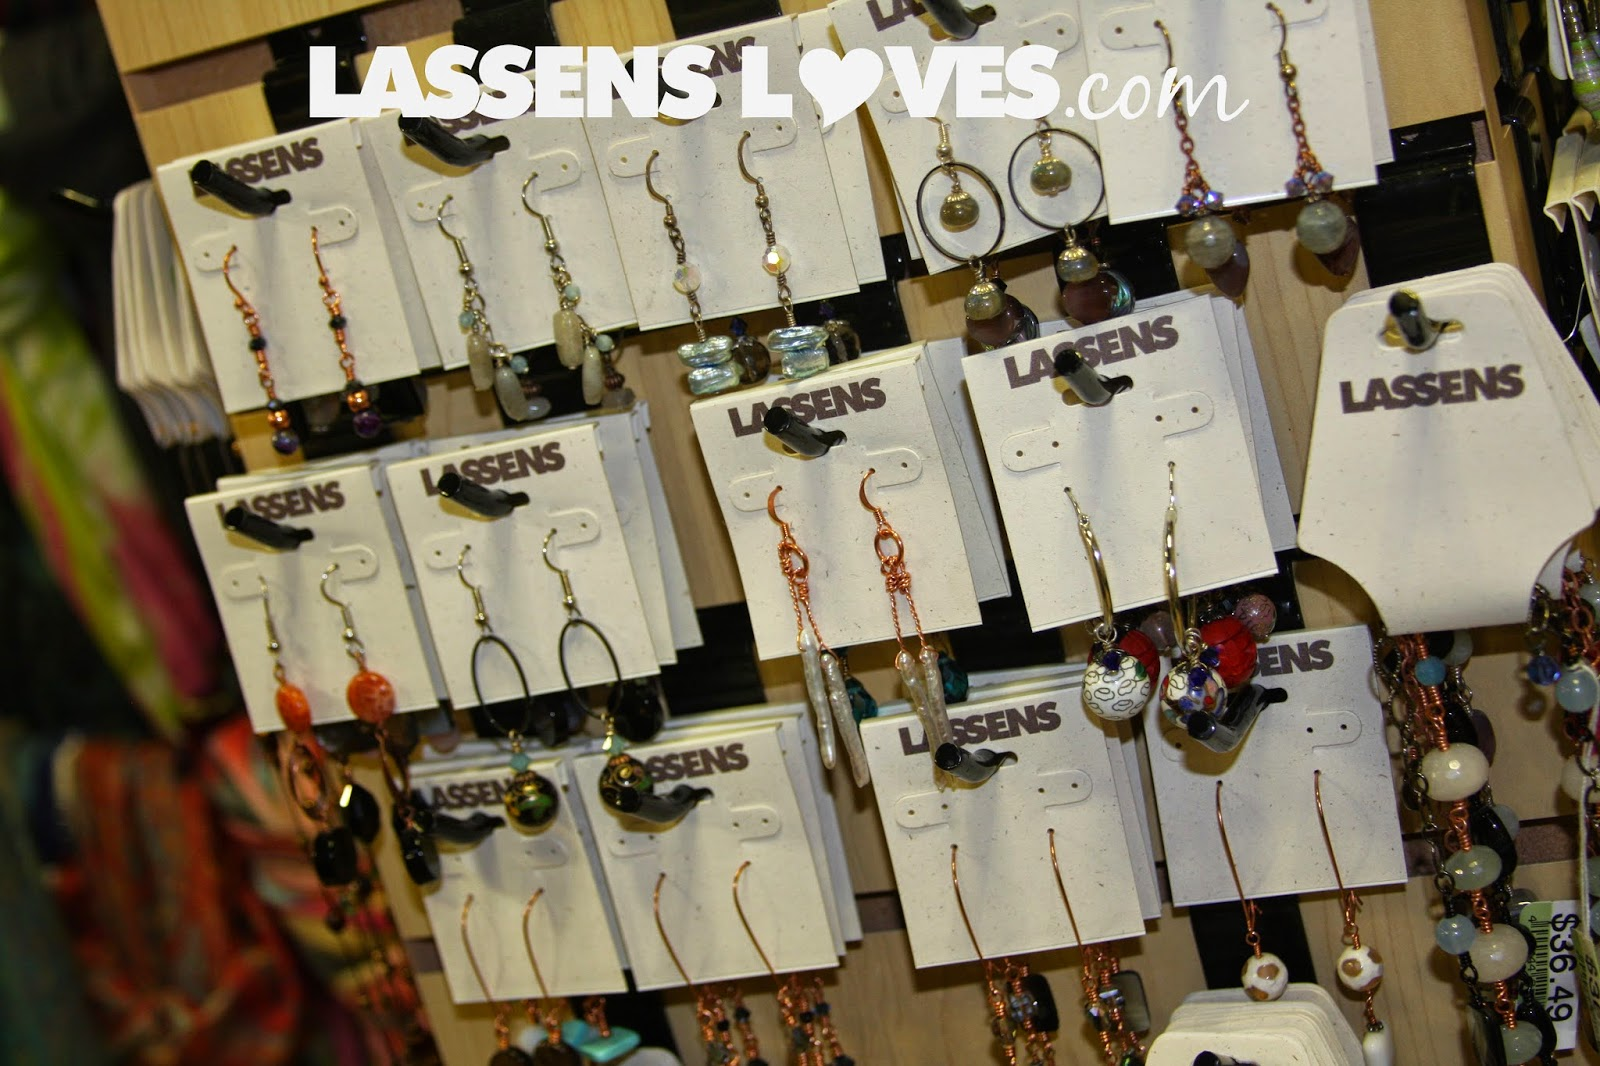 stocking+stuffers, handmade+jewelry